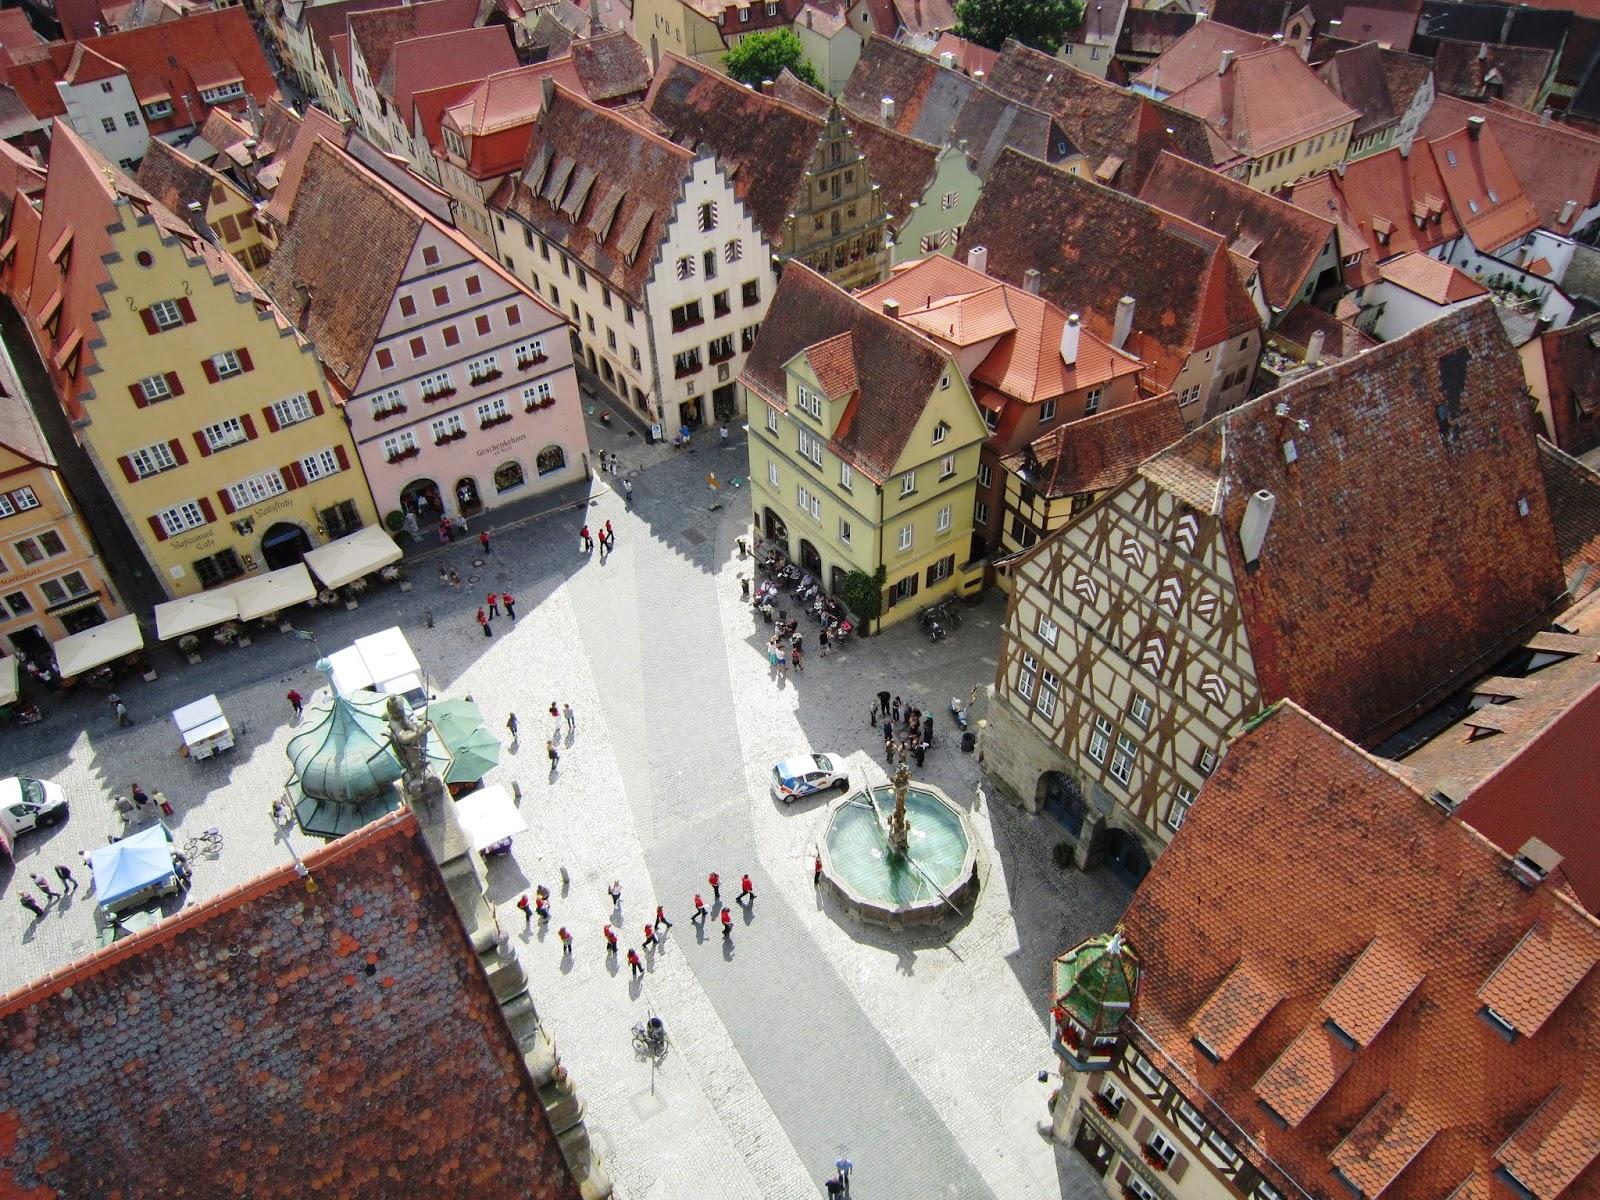 Vista de Rothenburg ob der Trauber desde la torre del ayuntamiento